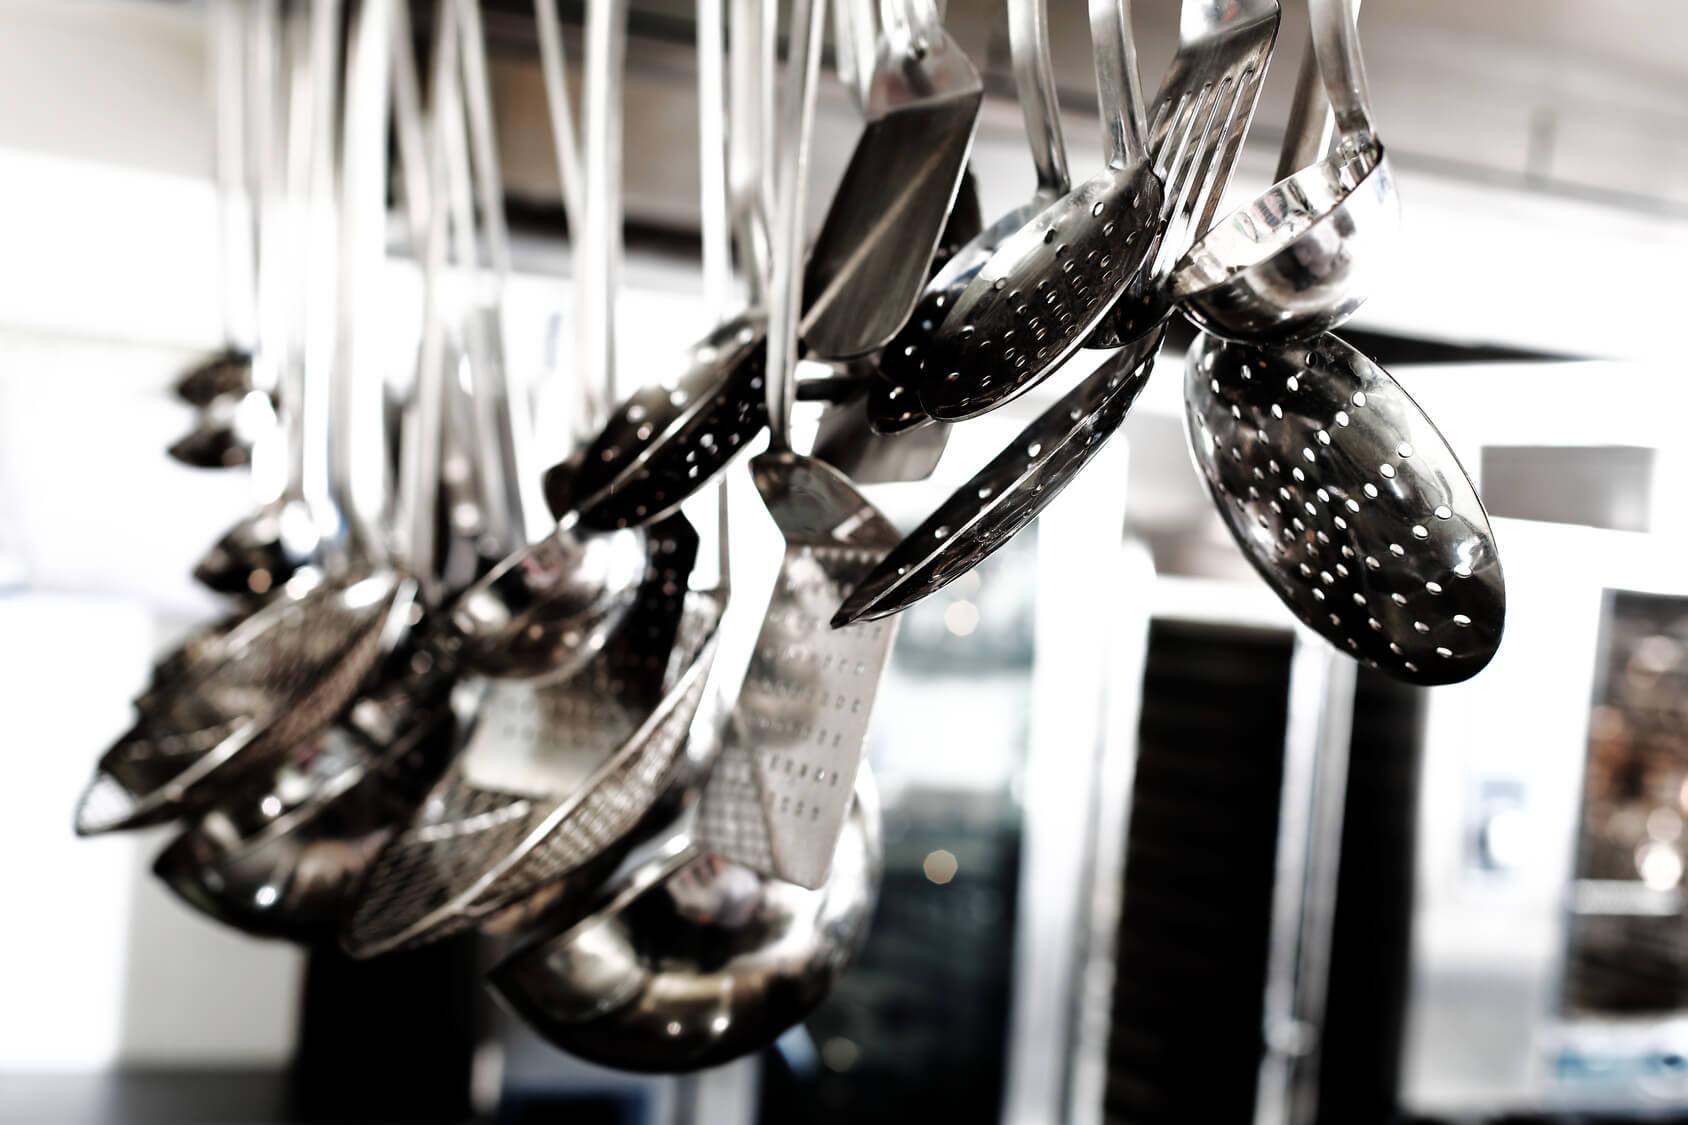 Professional kitchen restaurants